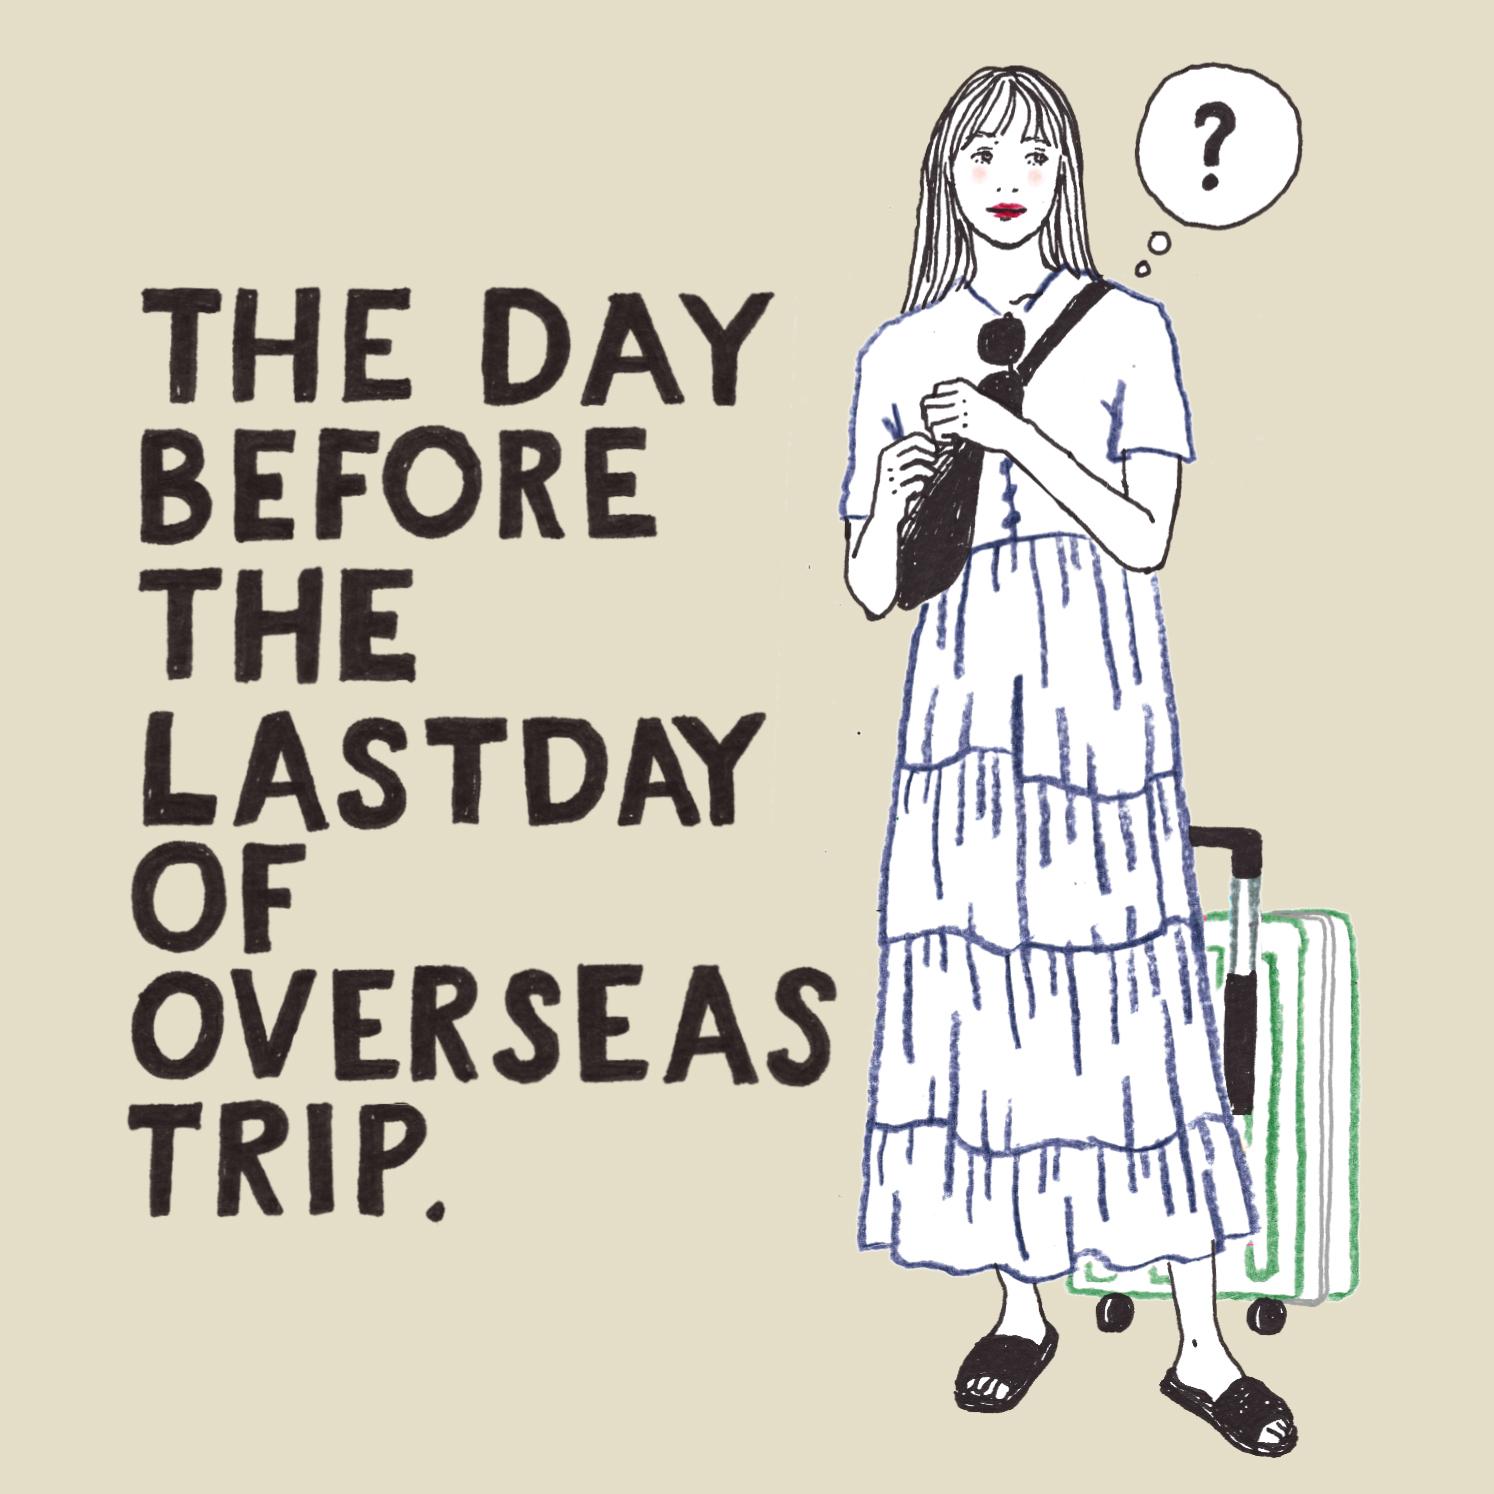 Q:海外旅行に行ったあなた。最終日前日に行ったのはどれ?